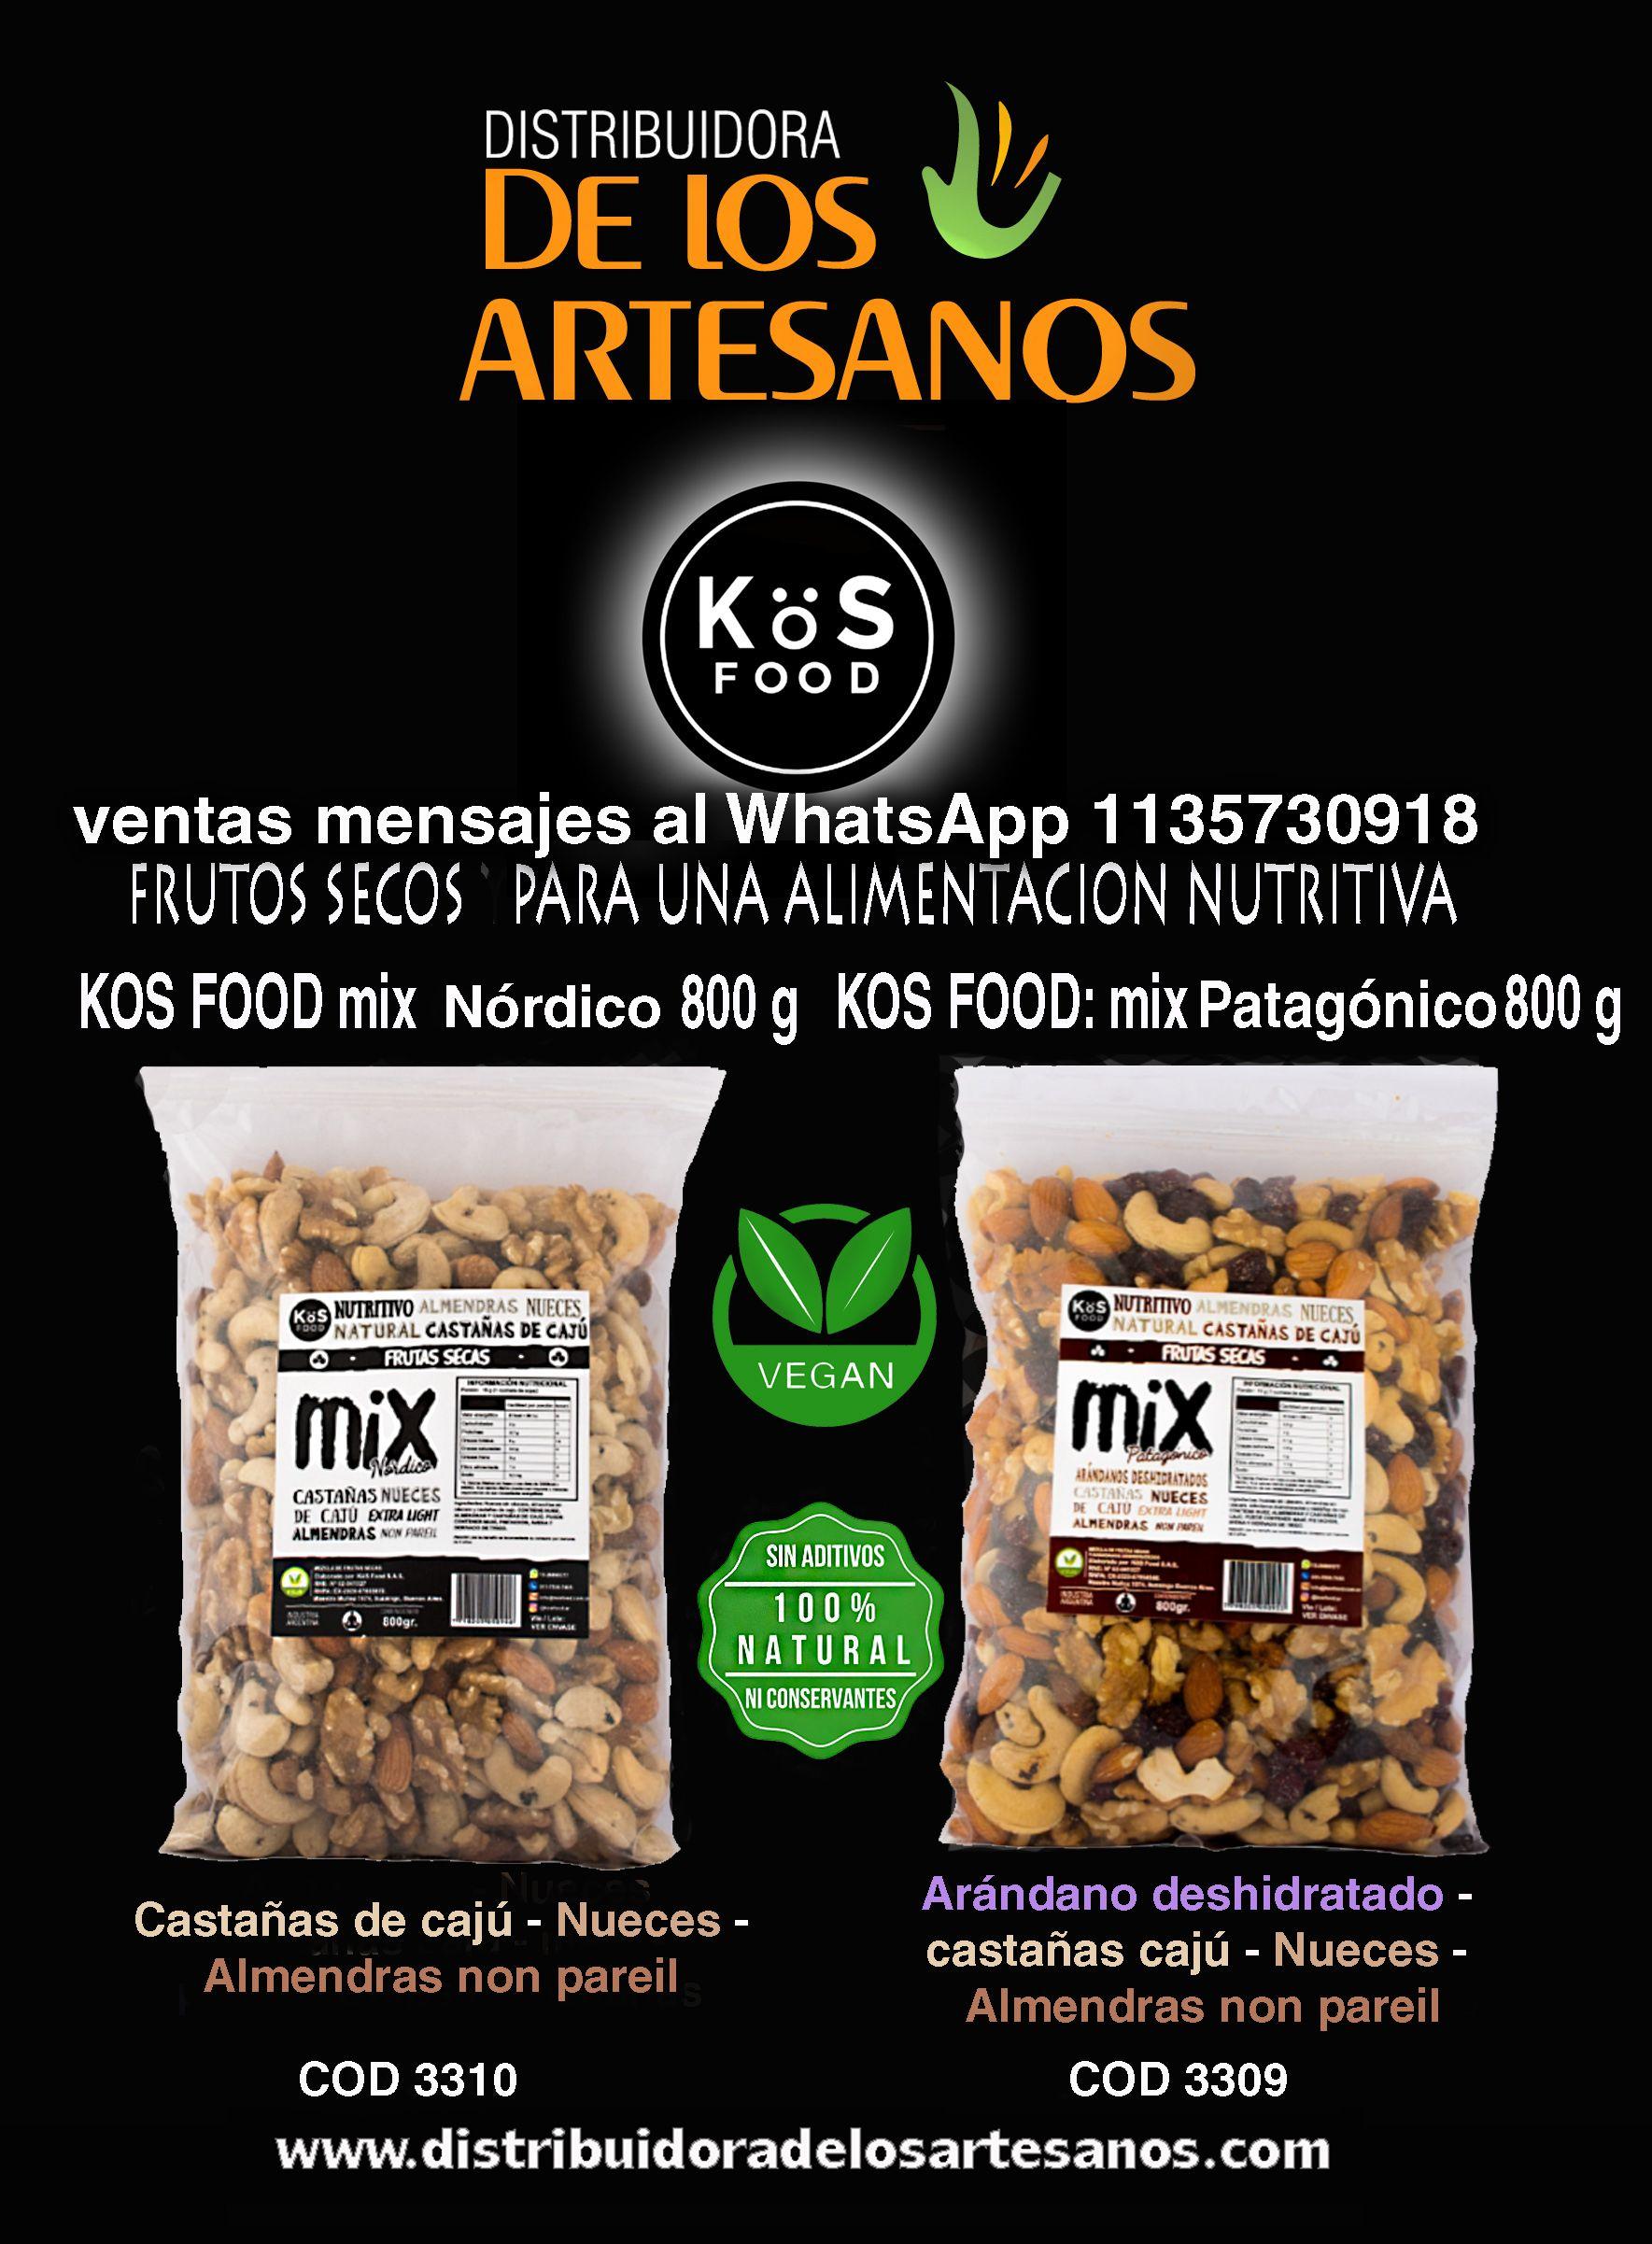 Kös Food Mix Frutos Secos Nórdico Y Patagónico Ventas Por Mayor Distribuidora De Los Artesanos Castañas De Caju Nutritivo Artesanos